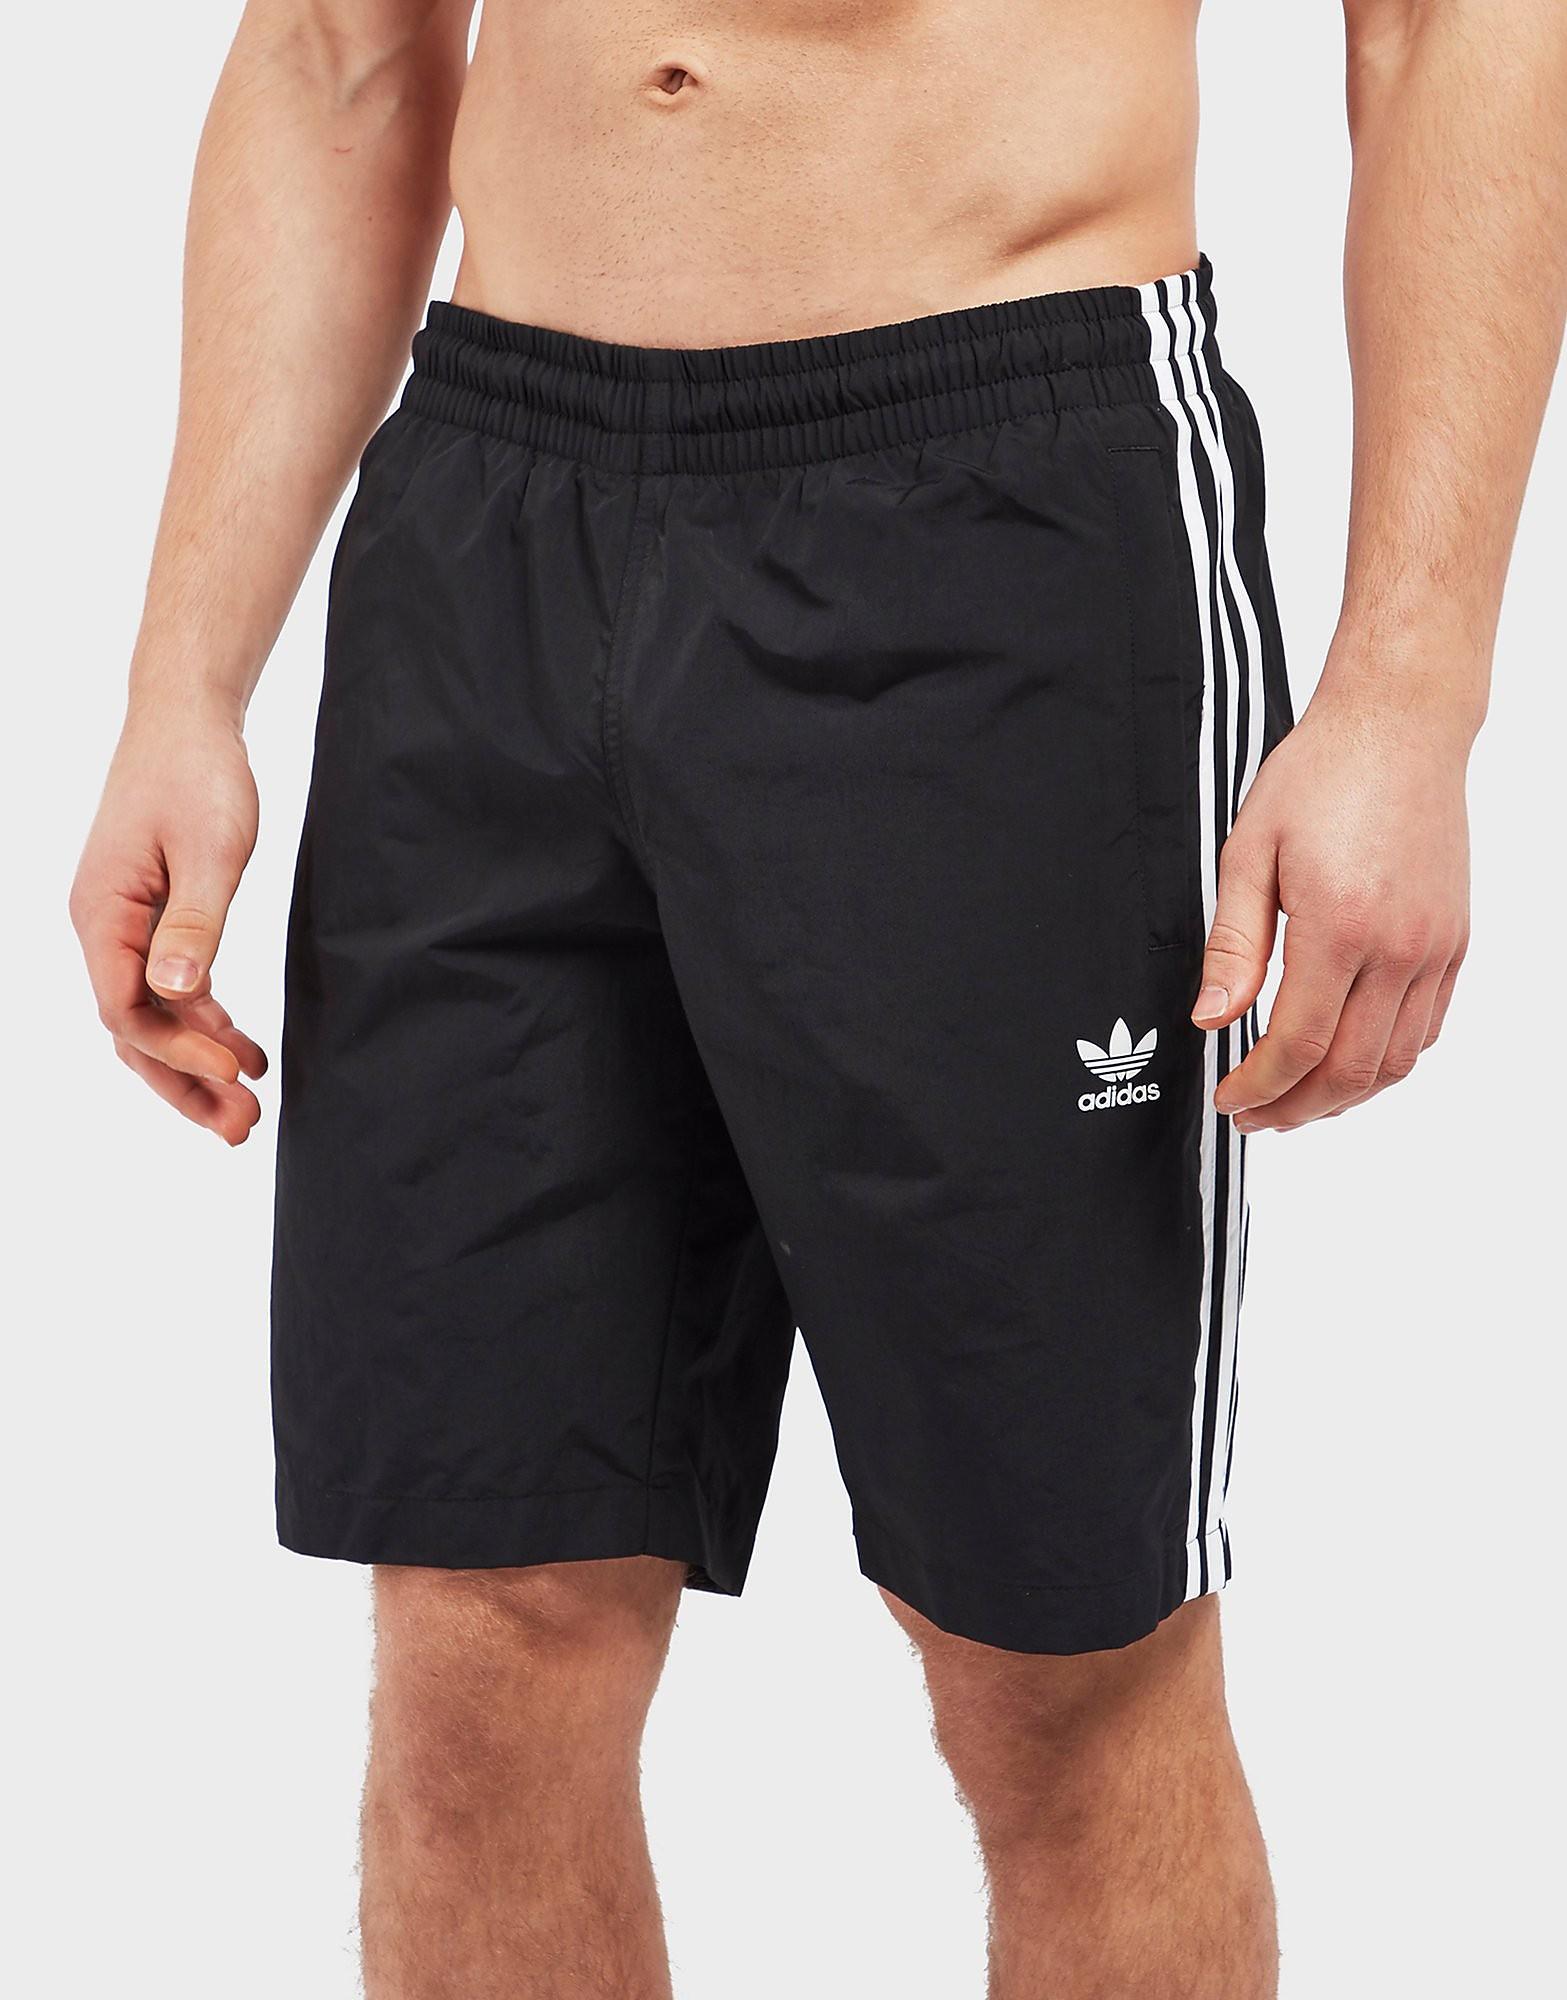 adidas Originals 3 Stripe Swim Shorts